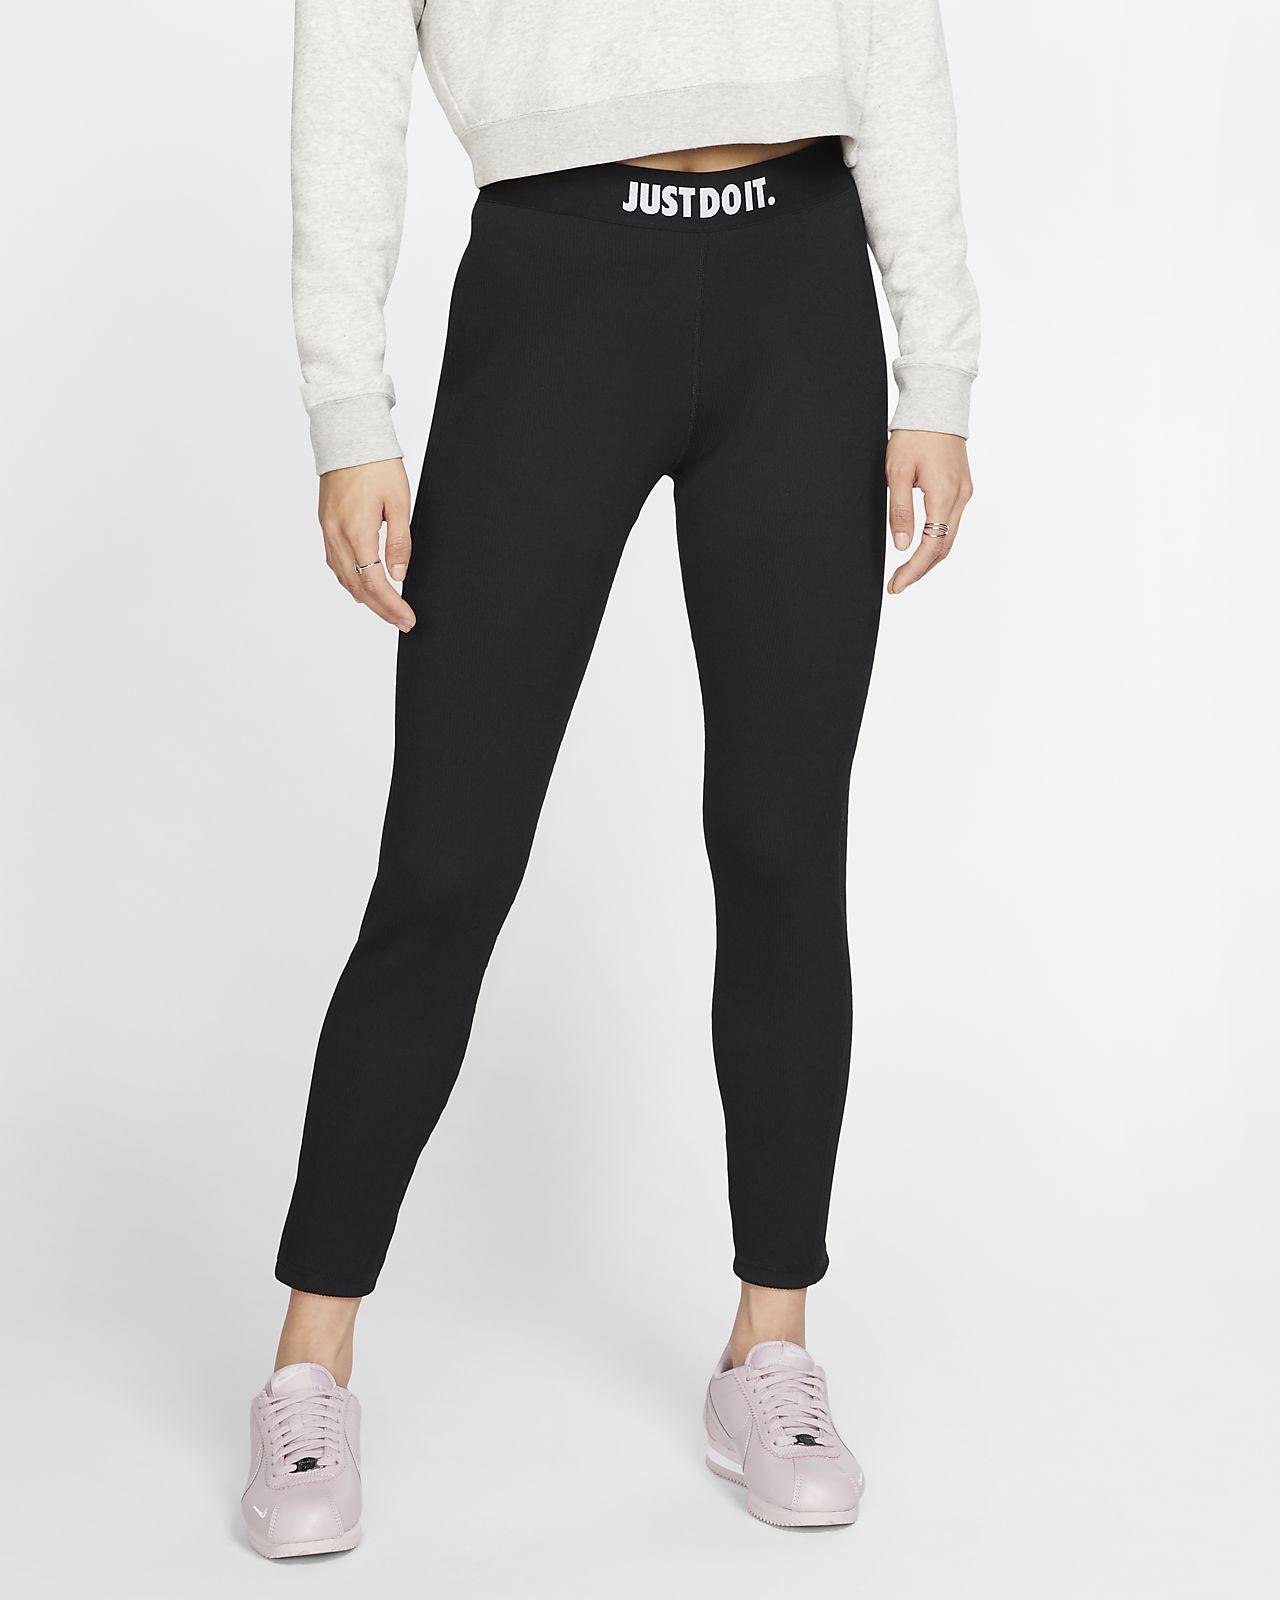 Leggings JDI de tela rib para mujer Nike Sportswear